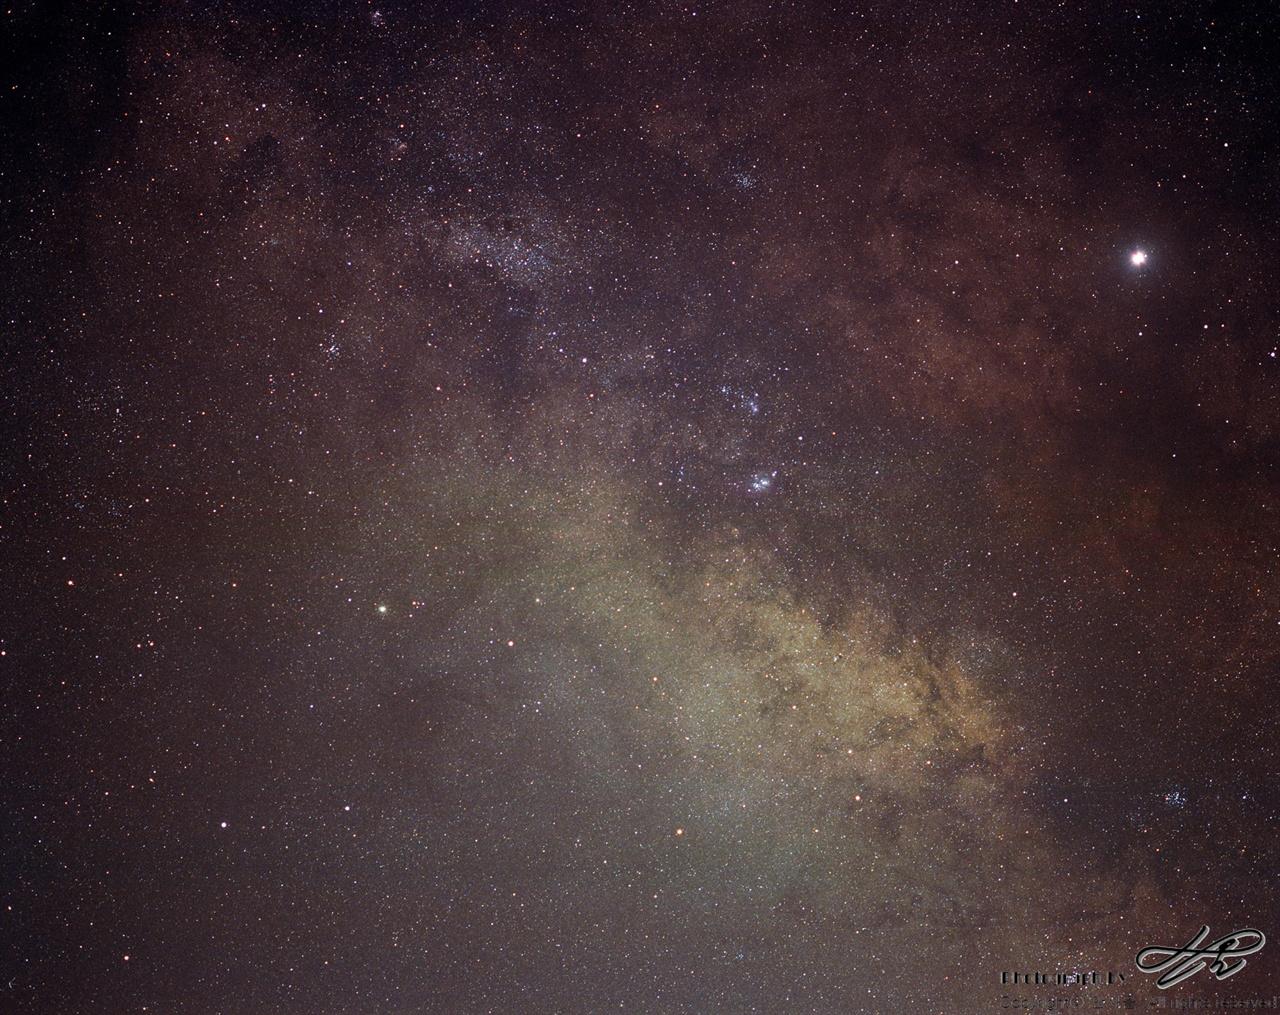 은하수 (Pro400H/F2.8/노출 25분)165mm(환산82.5mm)의 준망원 화각으로 담은 은하수. 점상이 또렷하여 여러개의 성단이 확연히 보인다.